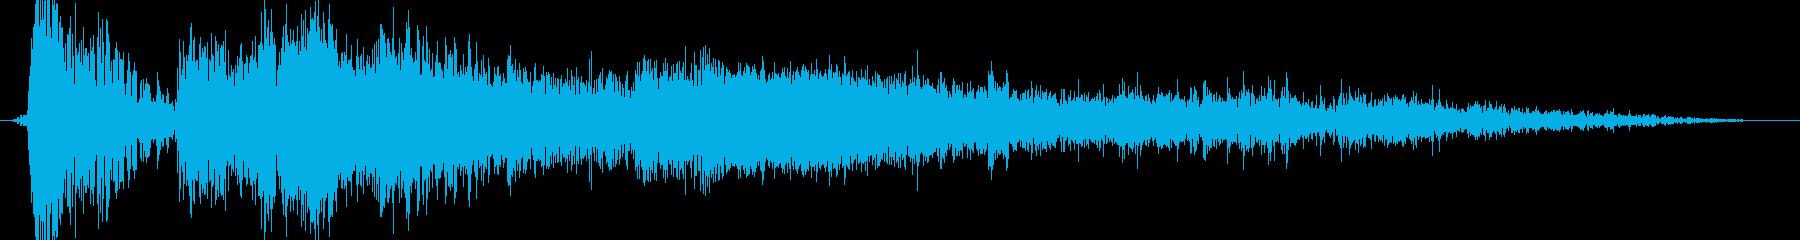 重いマルチ爆発の再生済みの波形